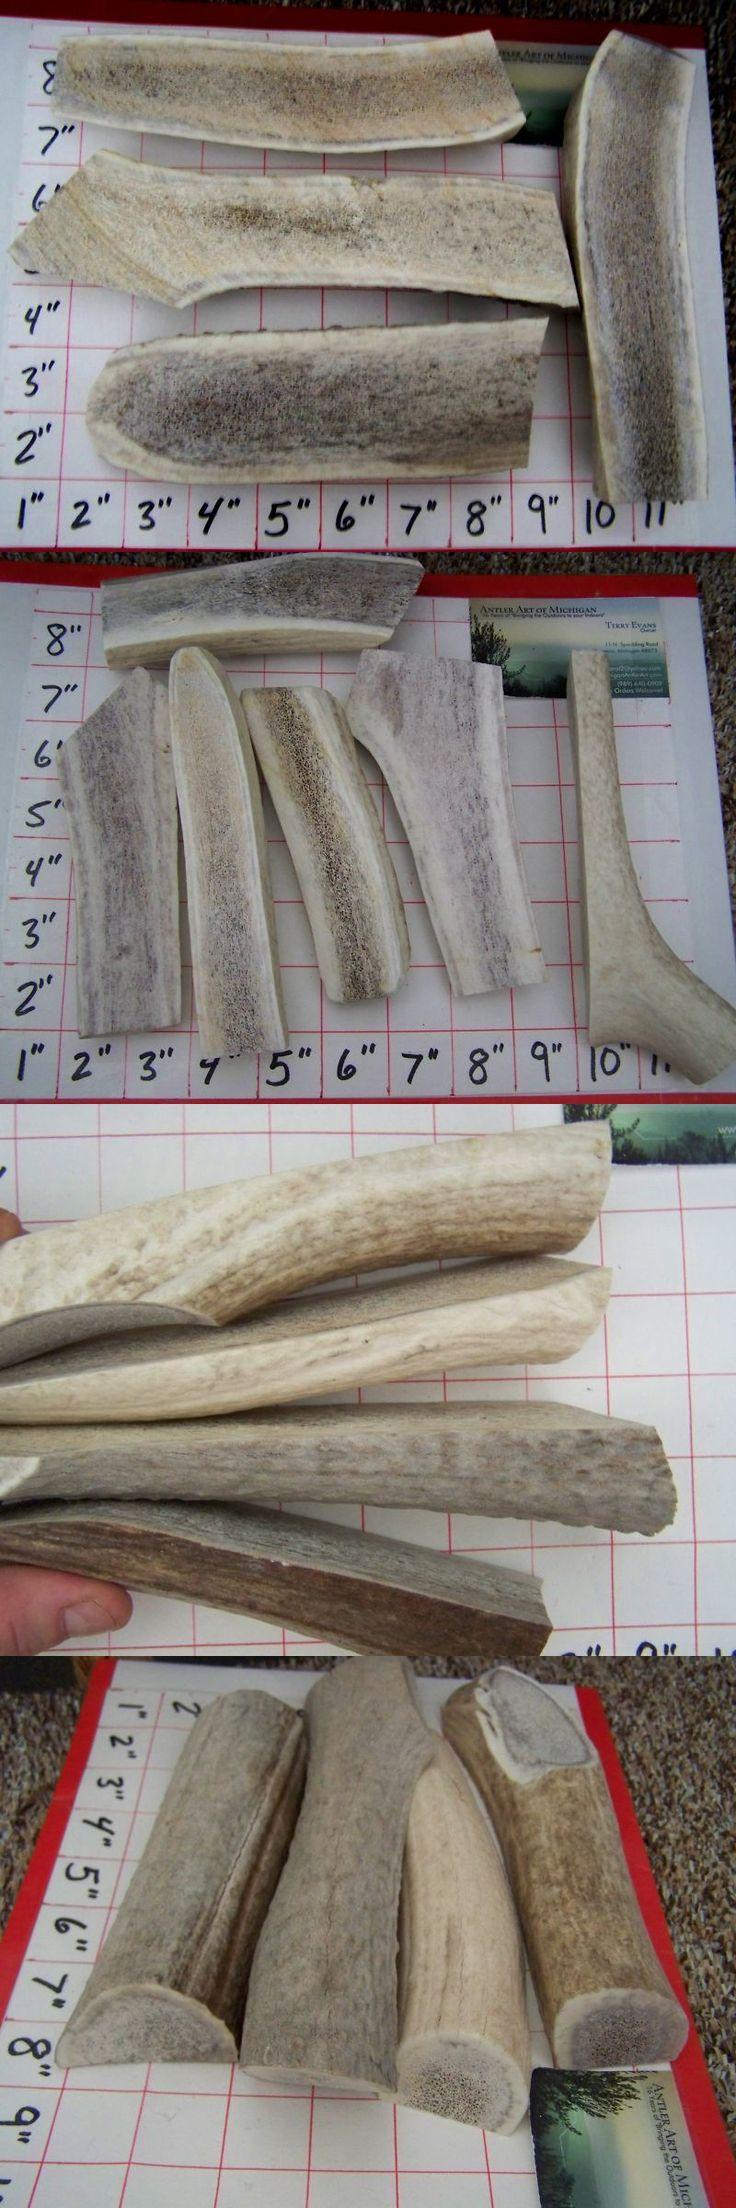 Dog Chews and Treats 77664: 2 Lbs Antler Dog Chews Deer Elk Treats Split Antler Chews - Look At Quantities!! -> BUY IT NOW ONLY: $47.99 on eBay!